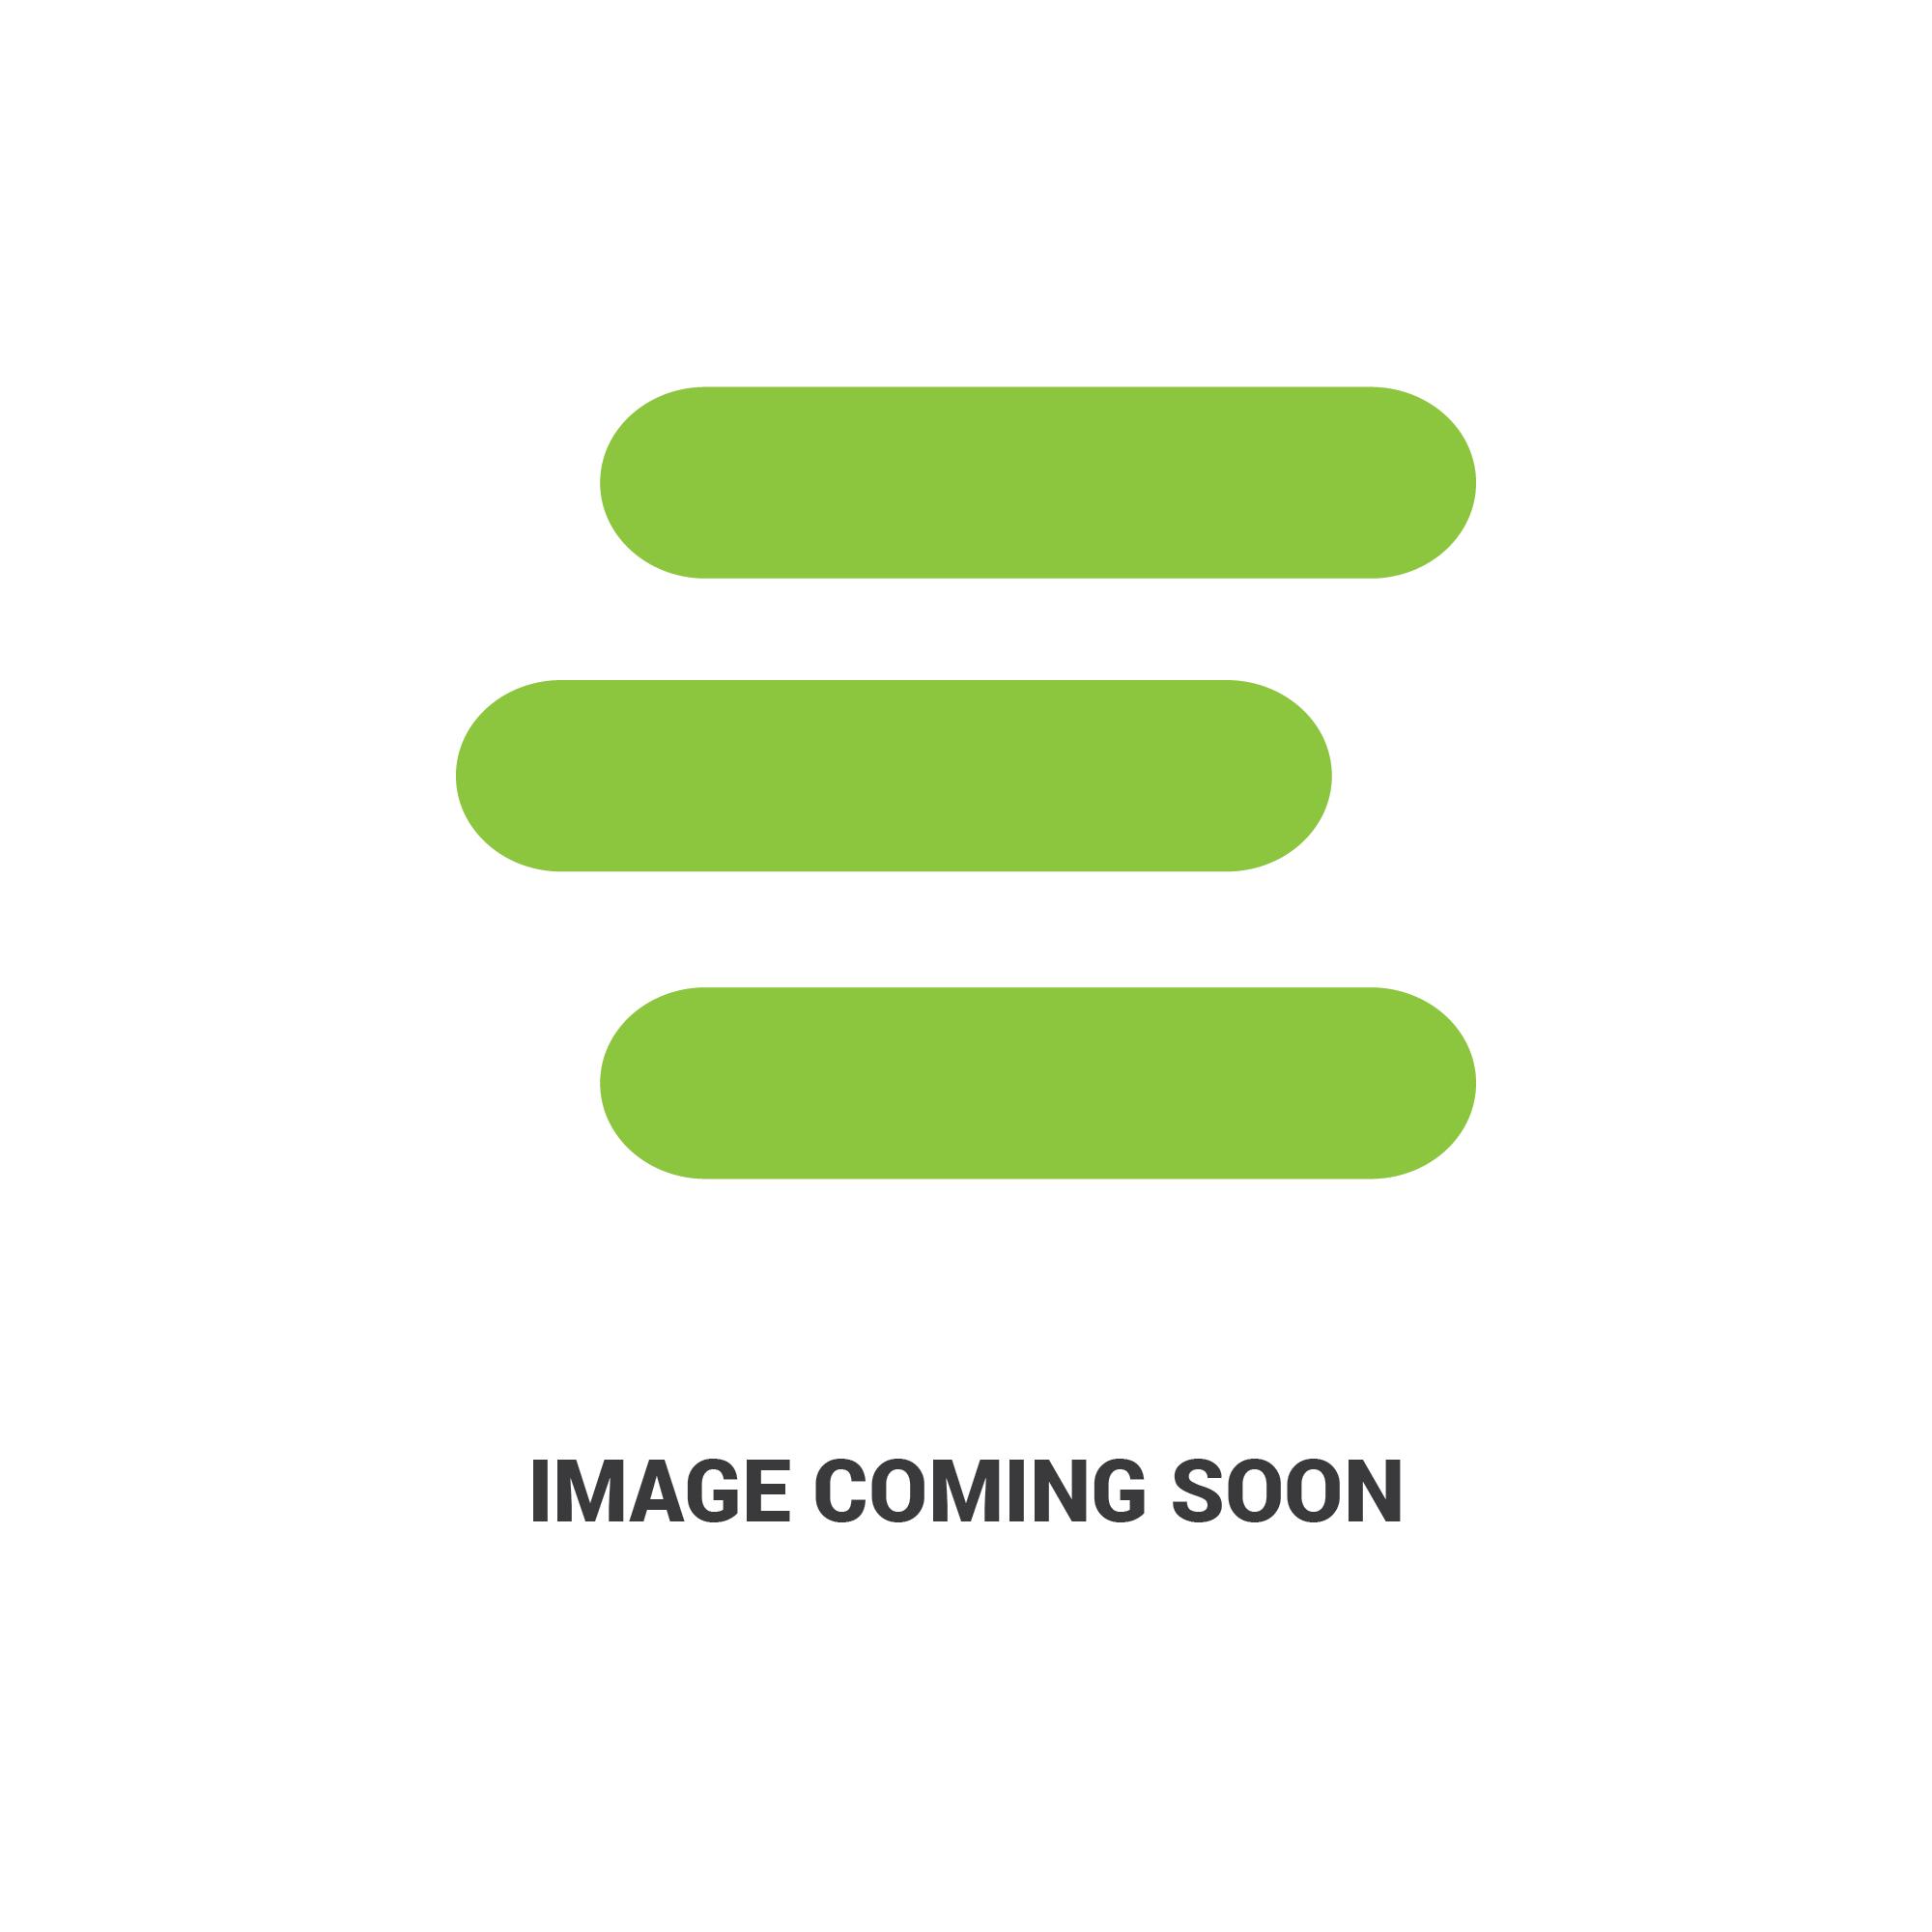 E-67448DDedit 1.jpg